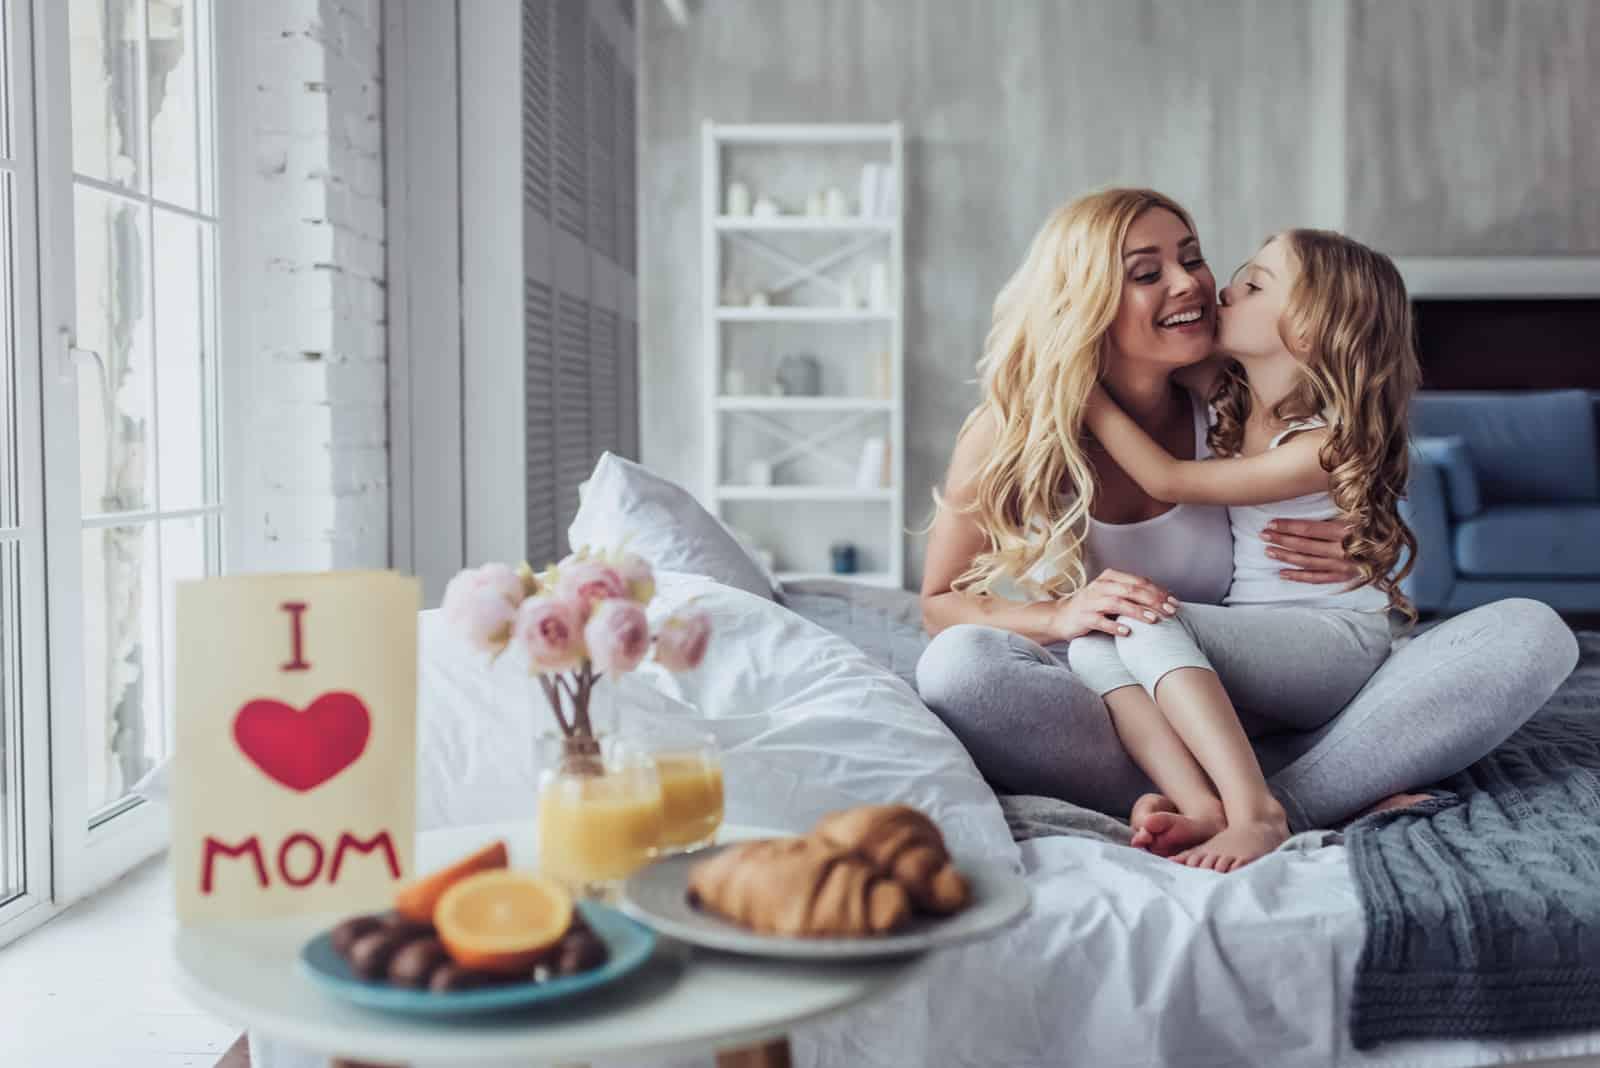 fille embrasse maman dans la joue